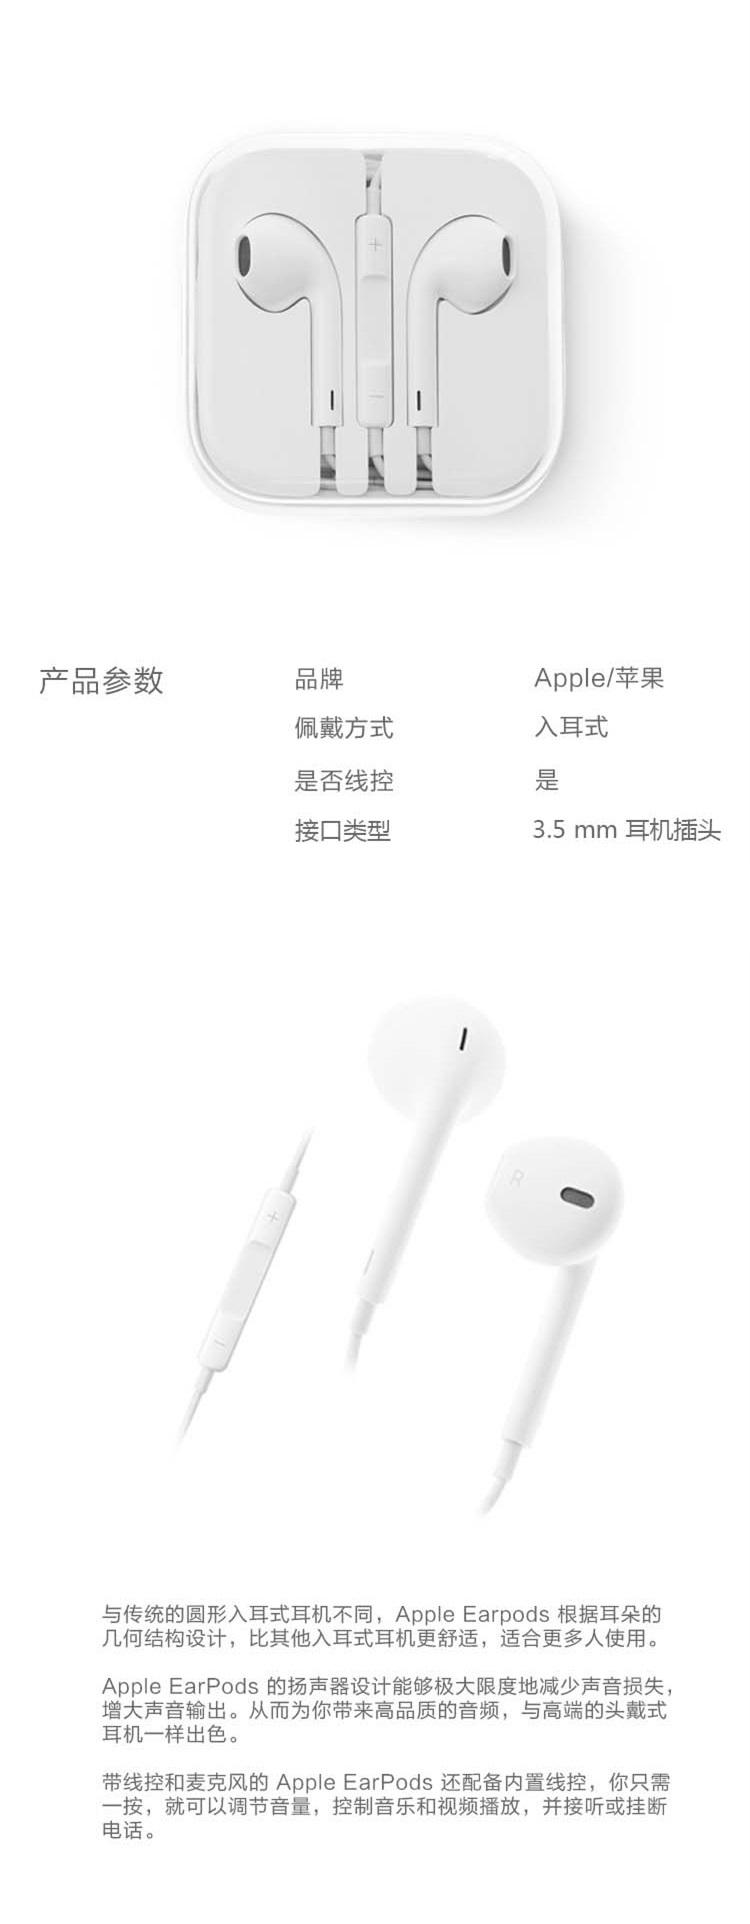 耳機圖3.5 淘寶.jpg